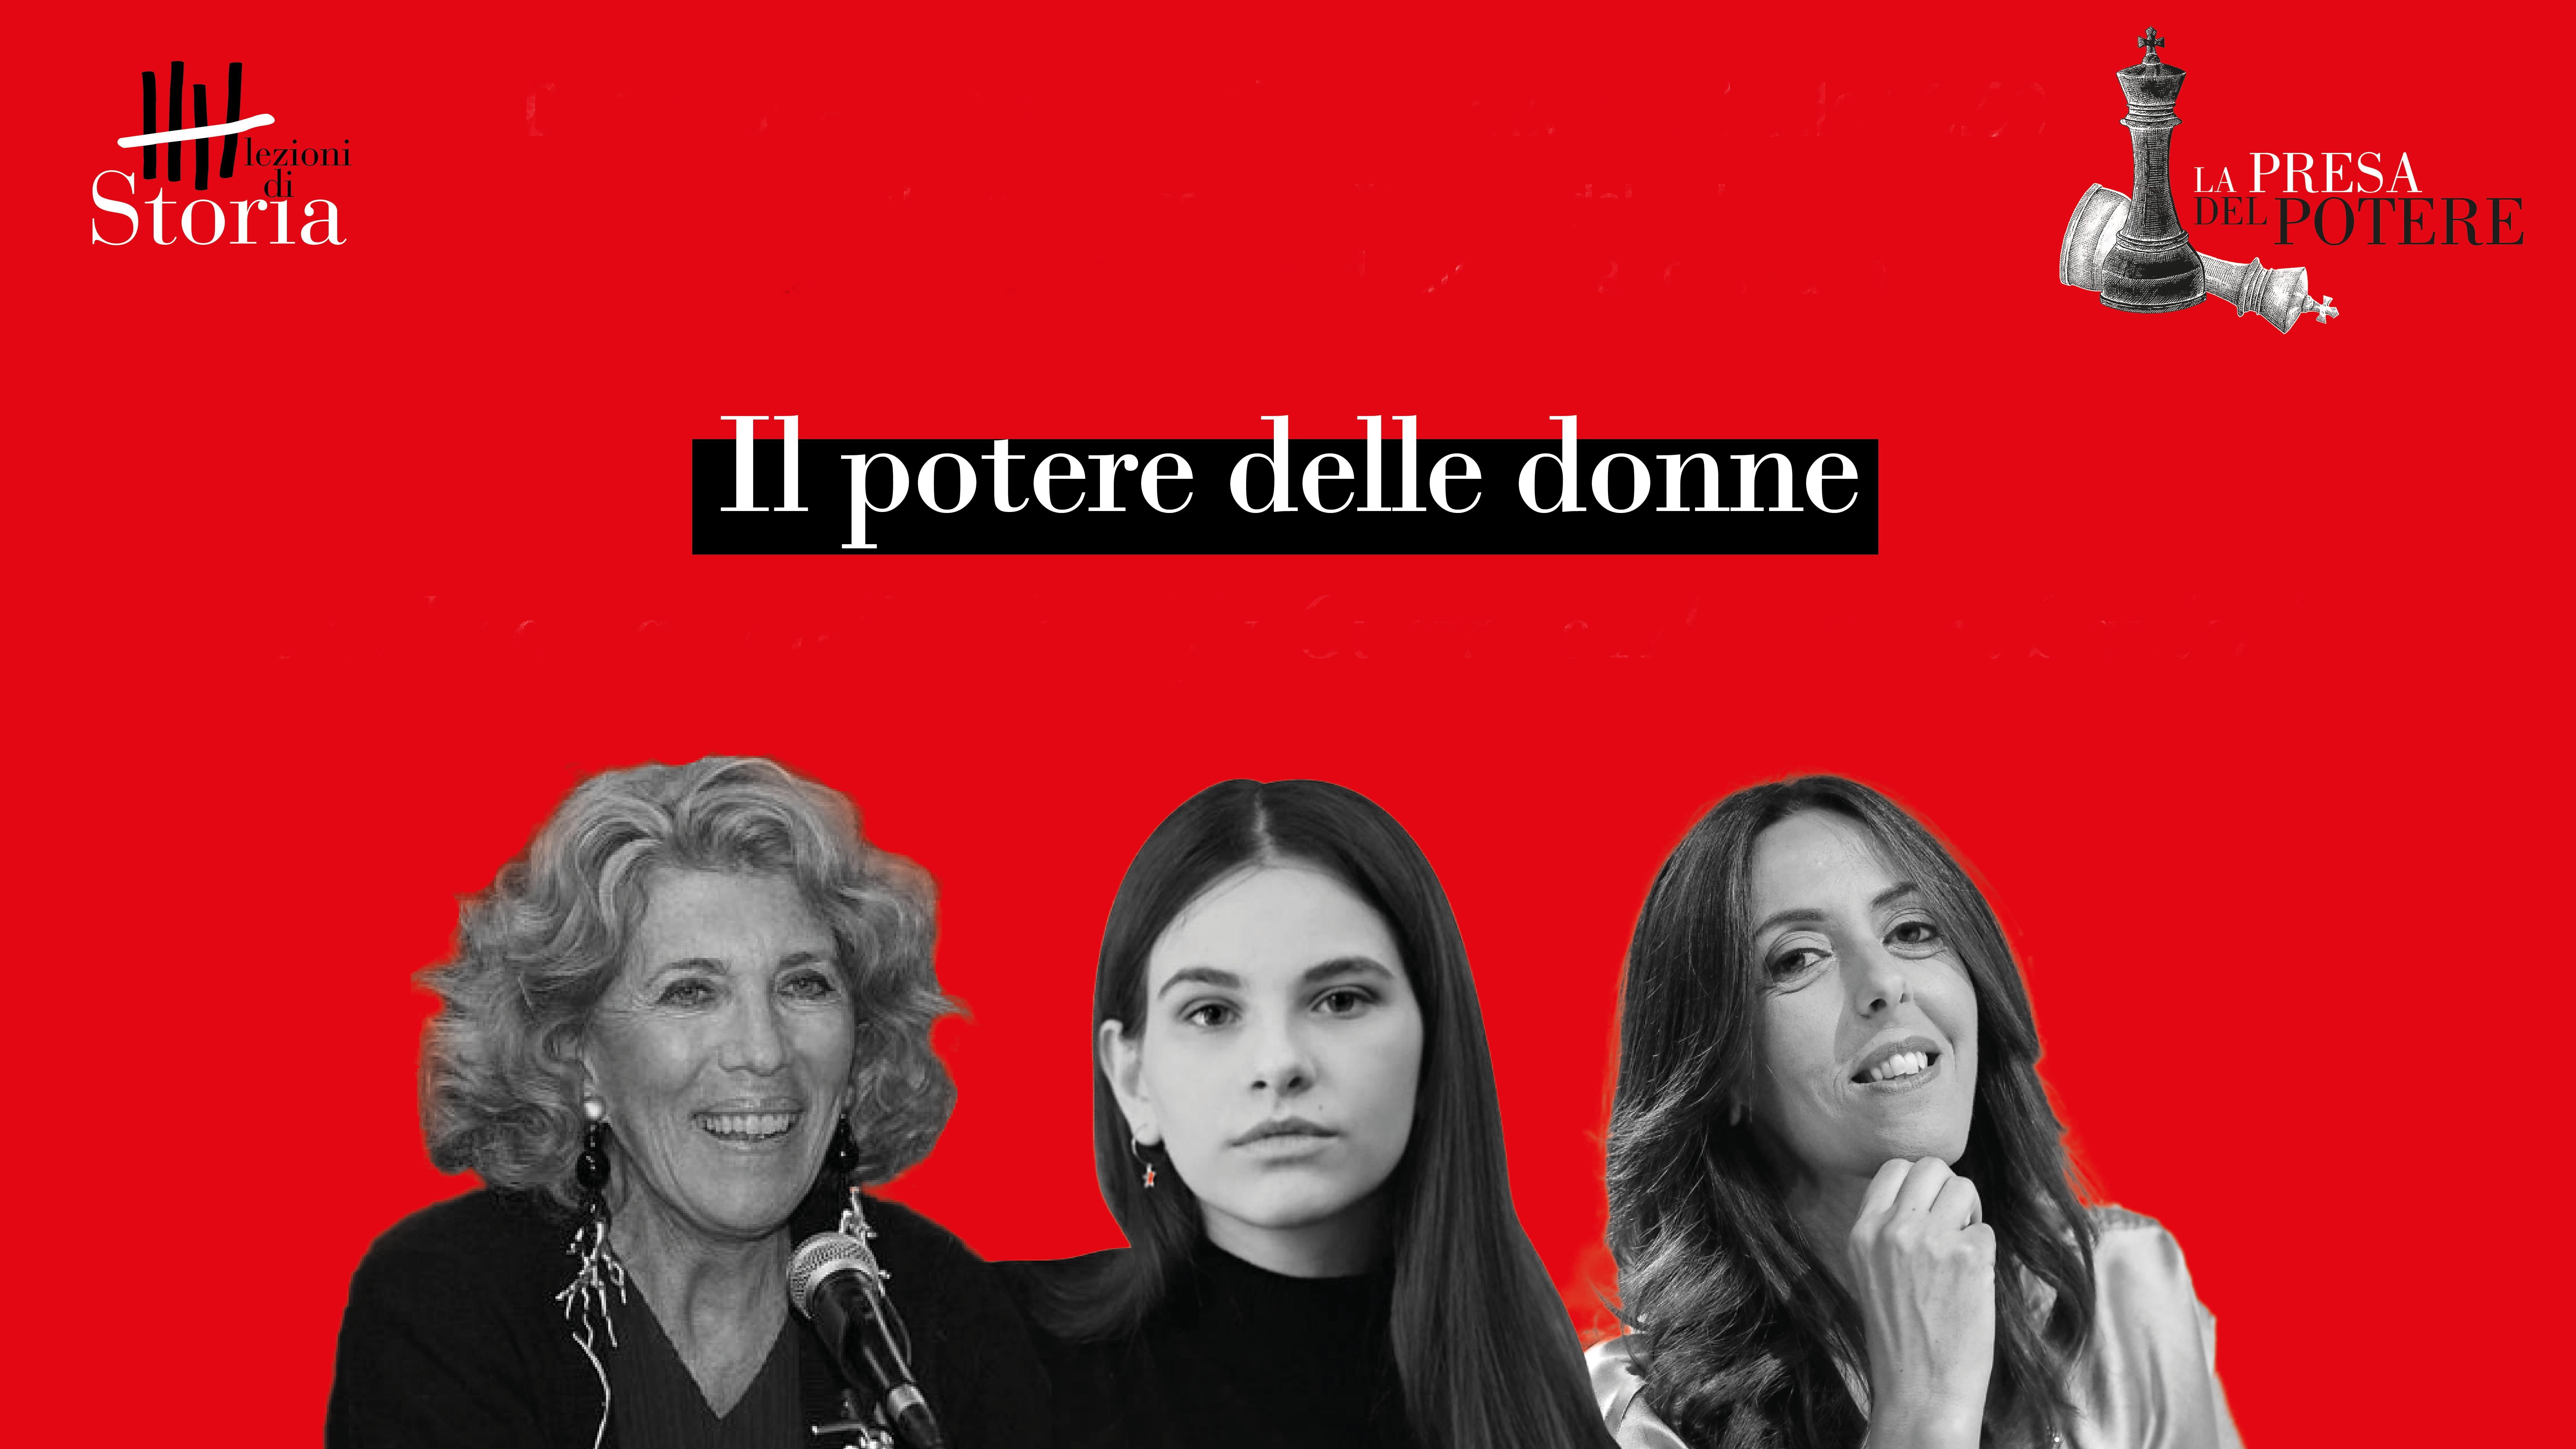 La presa del potere: ora tocca alle donne